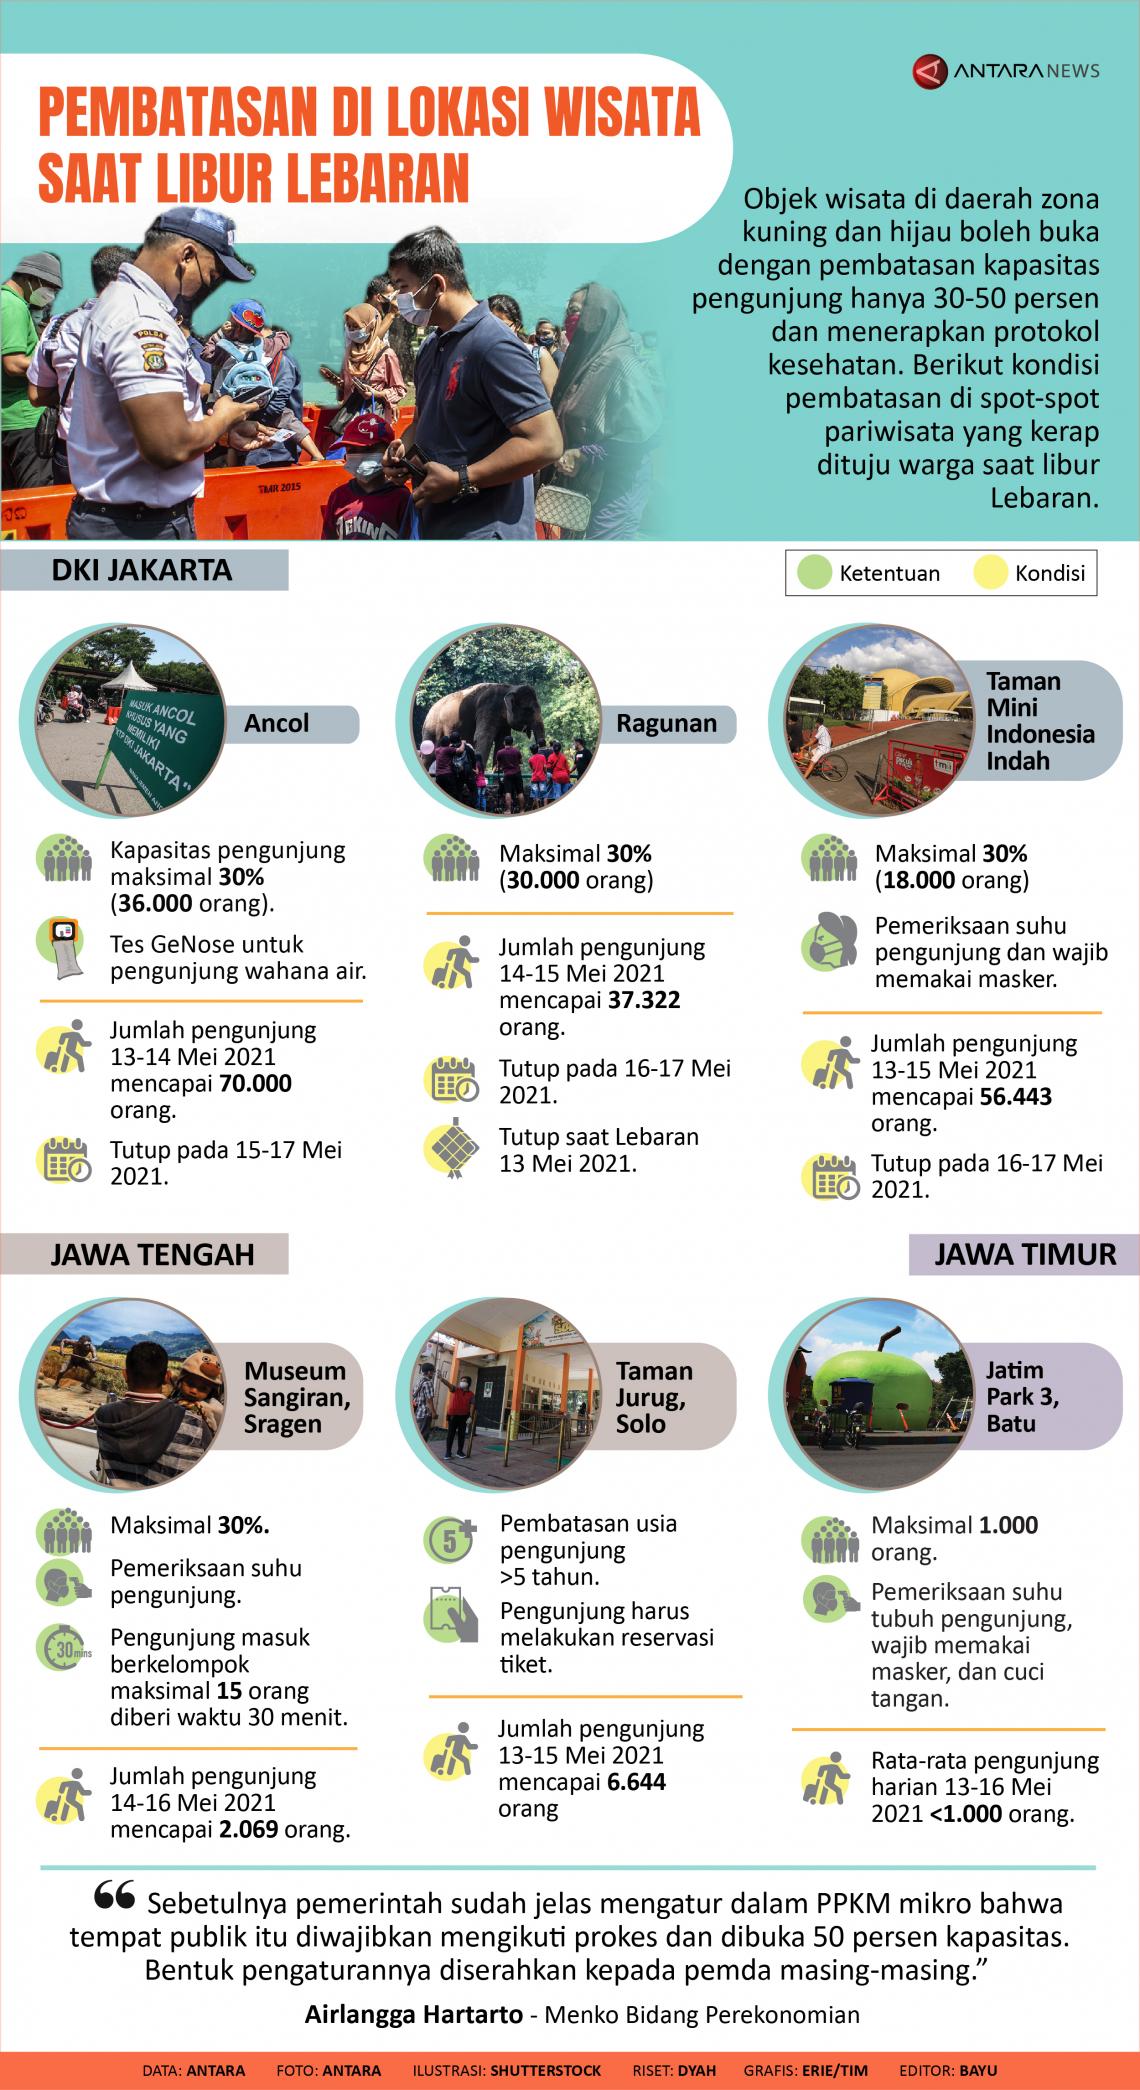 Pembatasan di lokasi wisata saat libur Lebaran